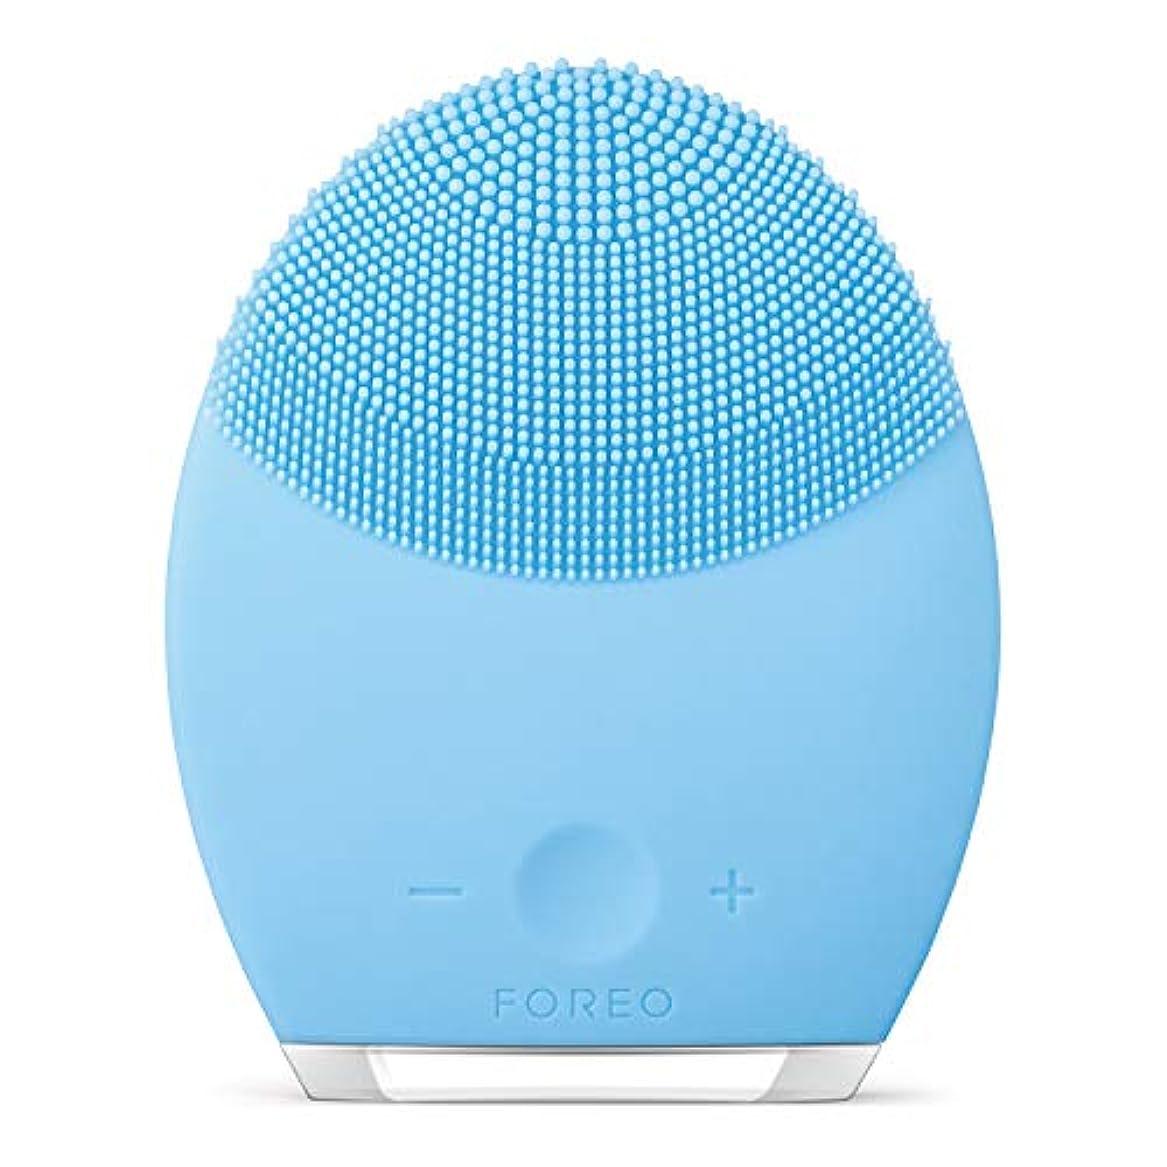 石化する気をつけて概要FOREO LUNA 2 for コンビネーションスキン 電動洗顔ブラシ シリコーン製 音波振動 エイジングケア